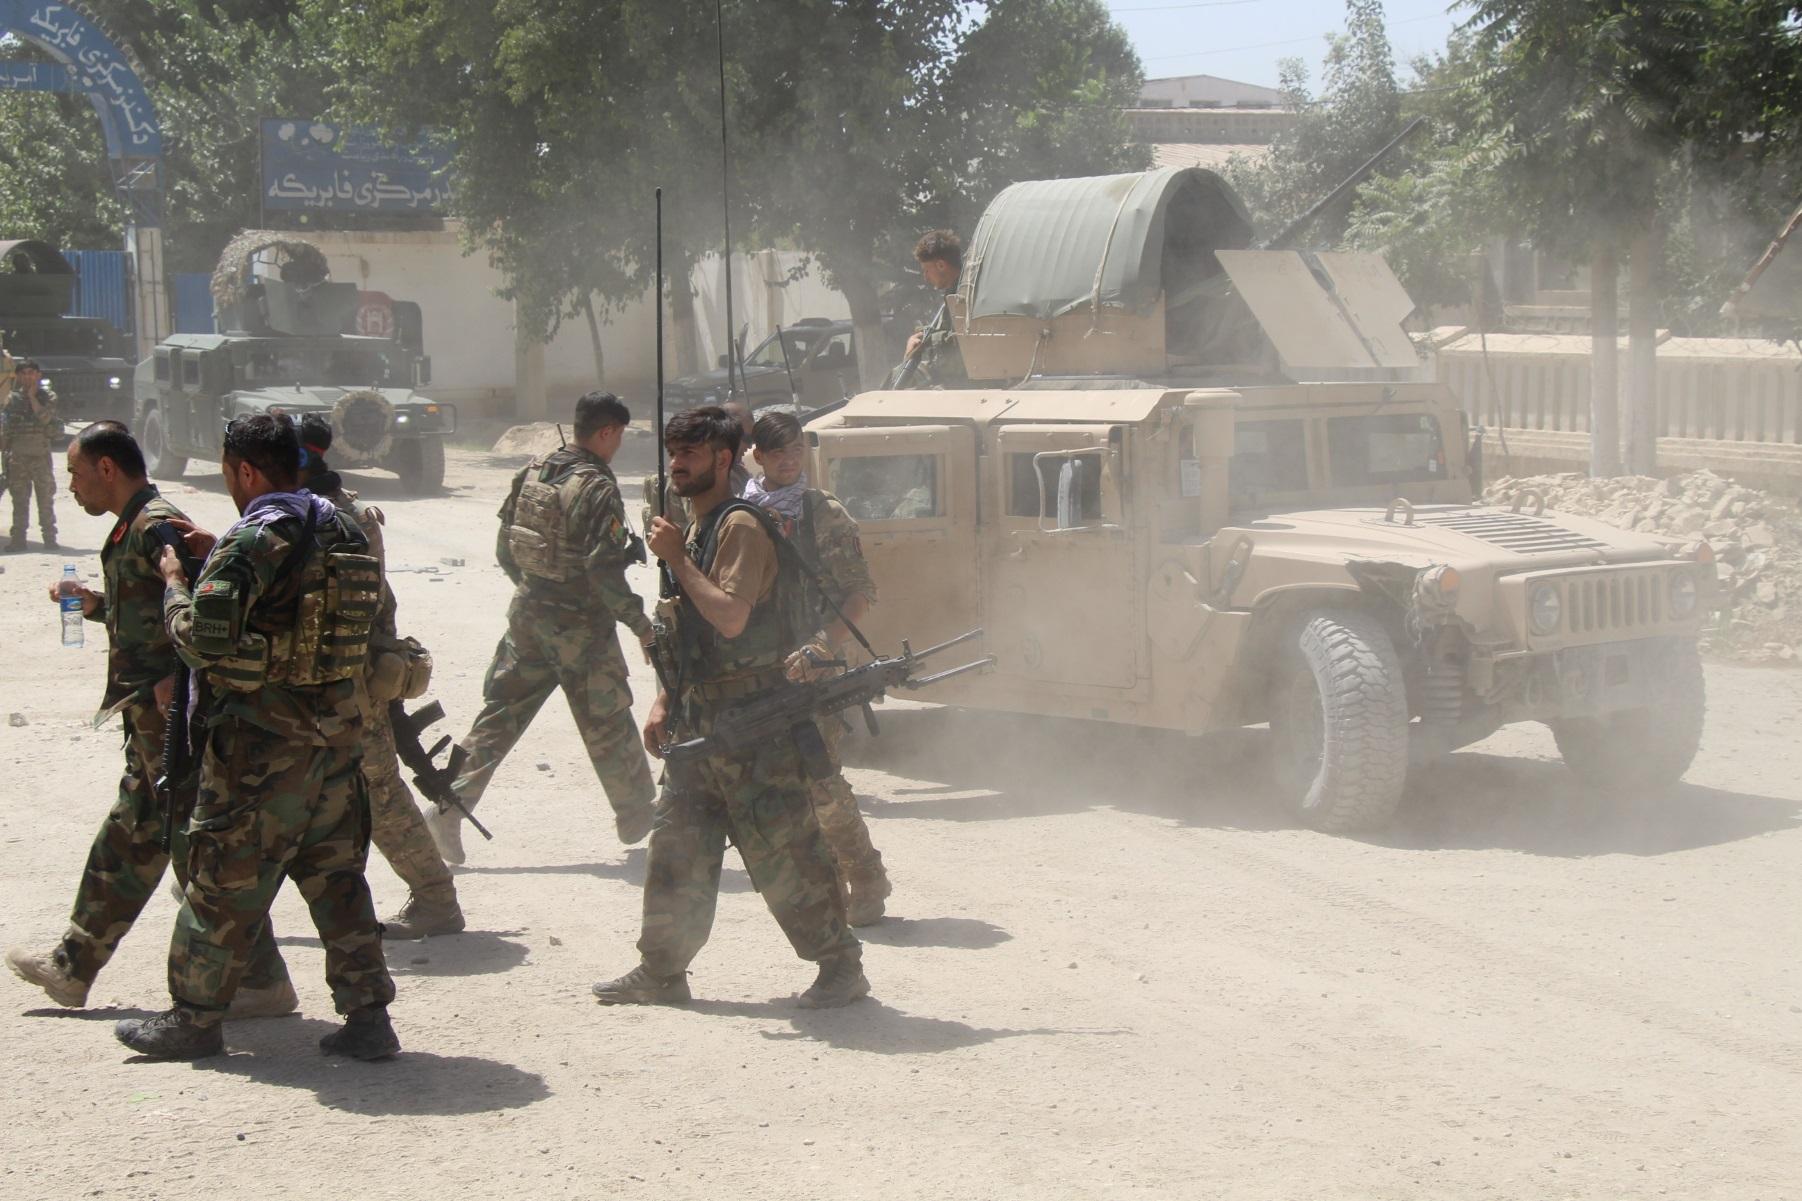 Ασταμάτητοι οι Ταλιμπάν: Πέτυχαν νίκη στρατηγικής σημασίας στο Αφγανιστάν